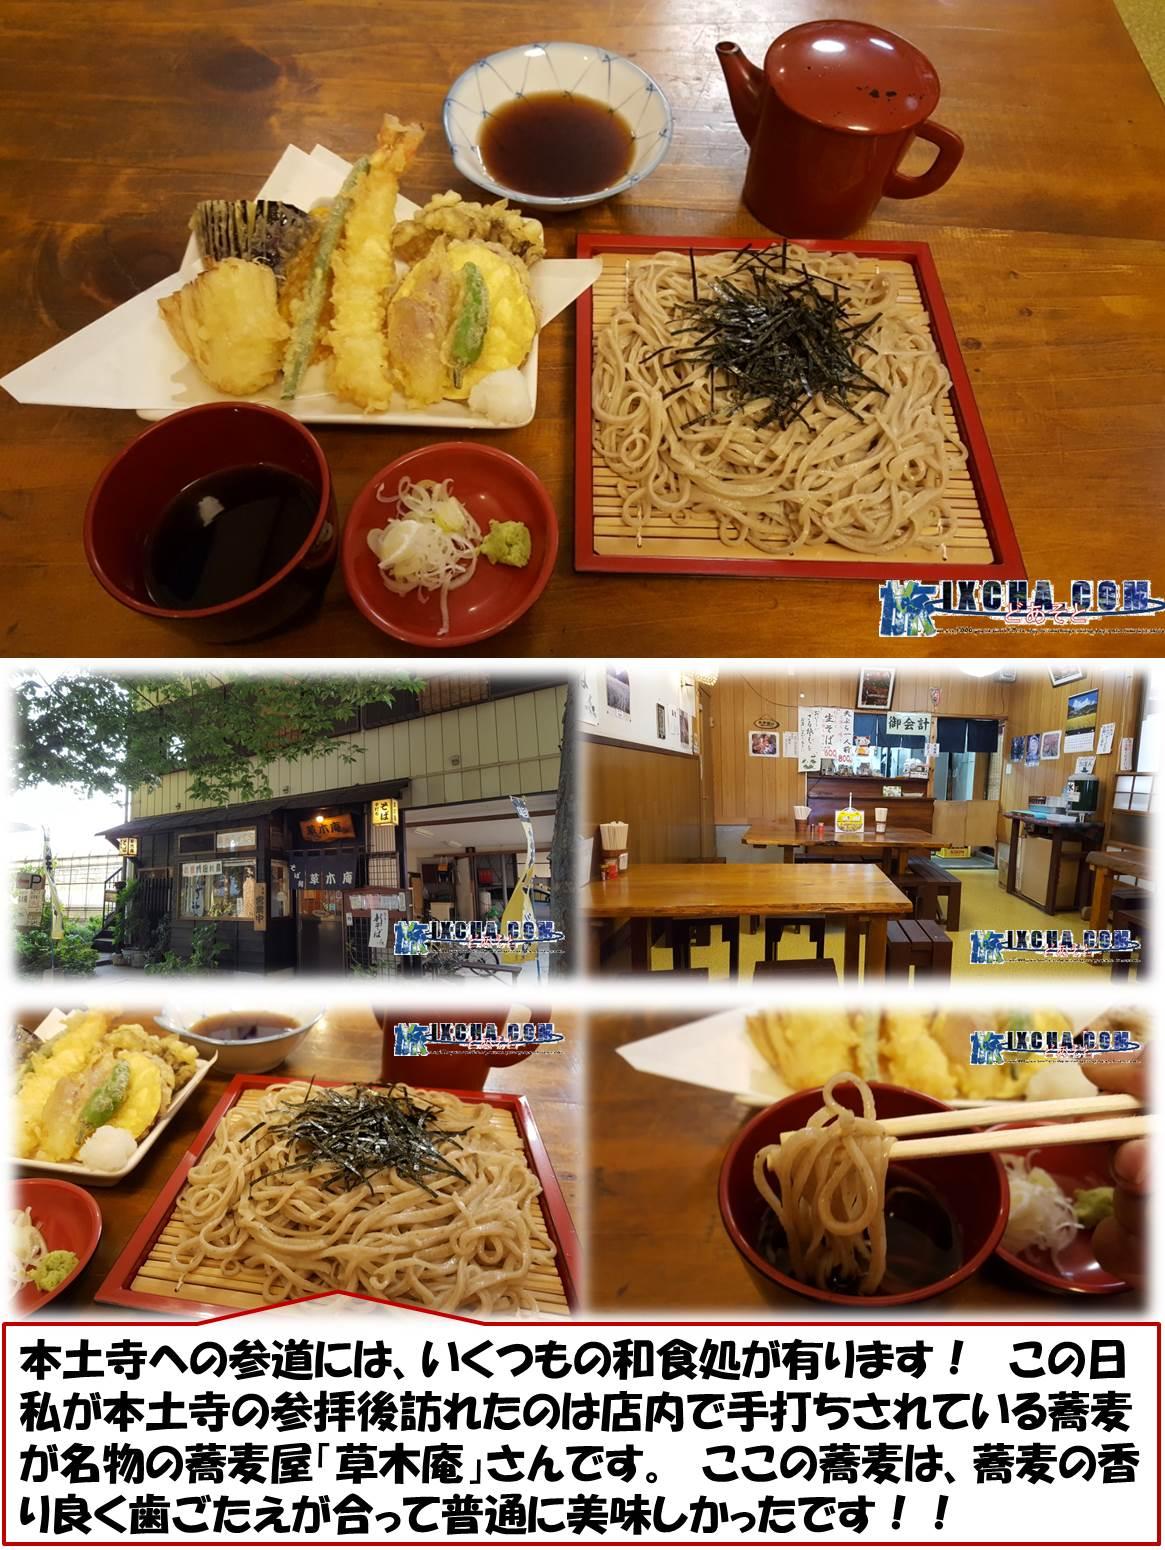 本土寺への参道には、いくつもの和食処が有ります! この日私が本土寺の参拝後訪れたのは店内で手打ちされている蕎麦が名物の蕎麦屋「草木庵」さんです。 ここの蕎麦は、蕎麦の香り良く歯ごたえが合って普通に美味しかったです!!